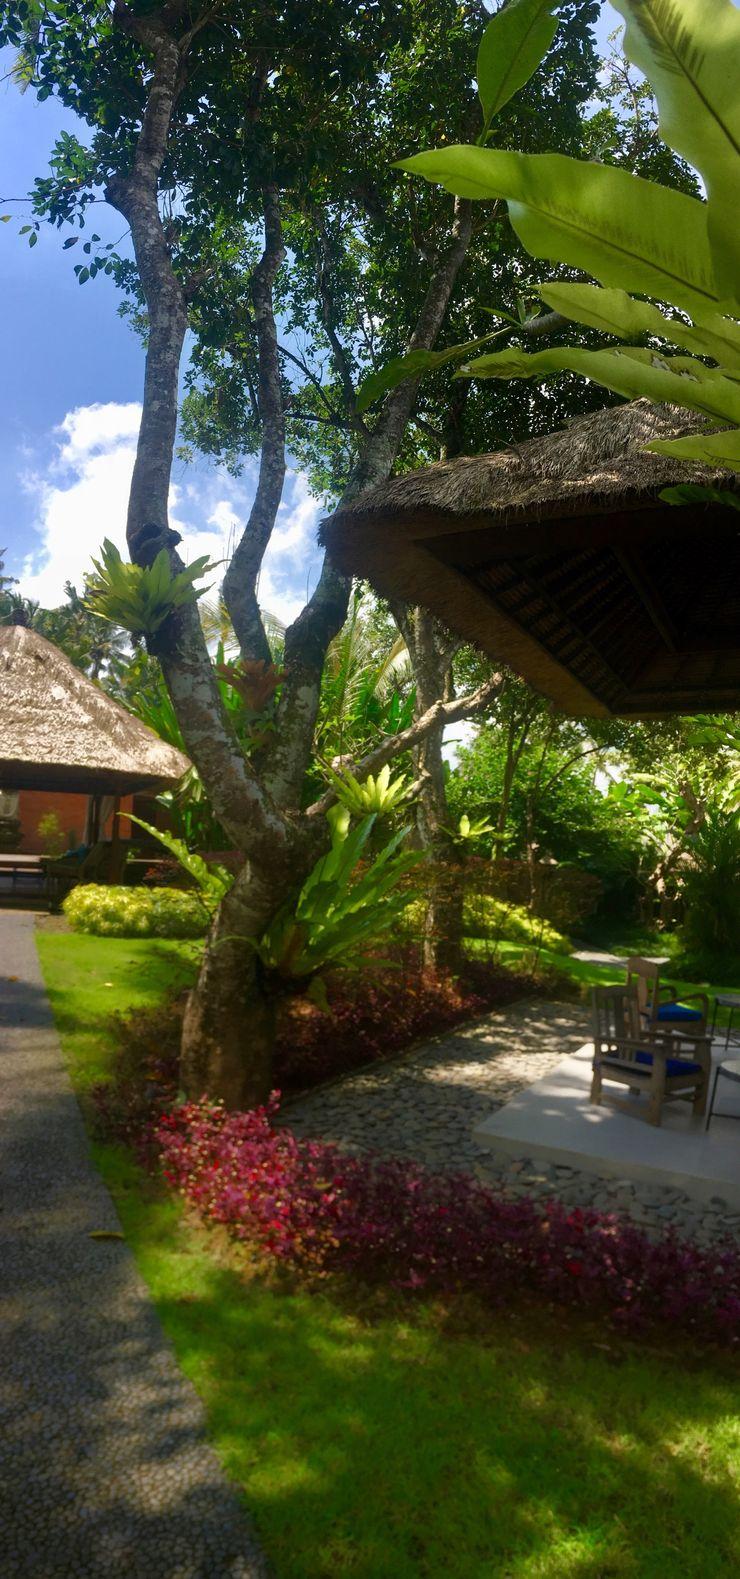 WaB - Wimba anenggata architects Bali Готелі